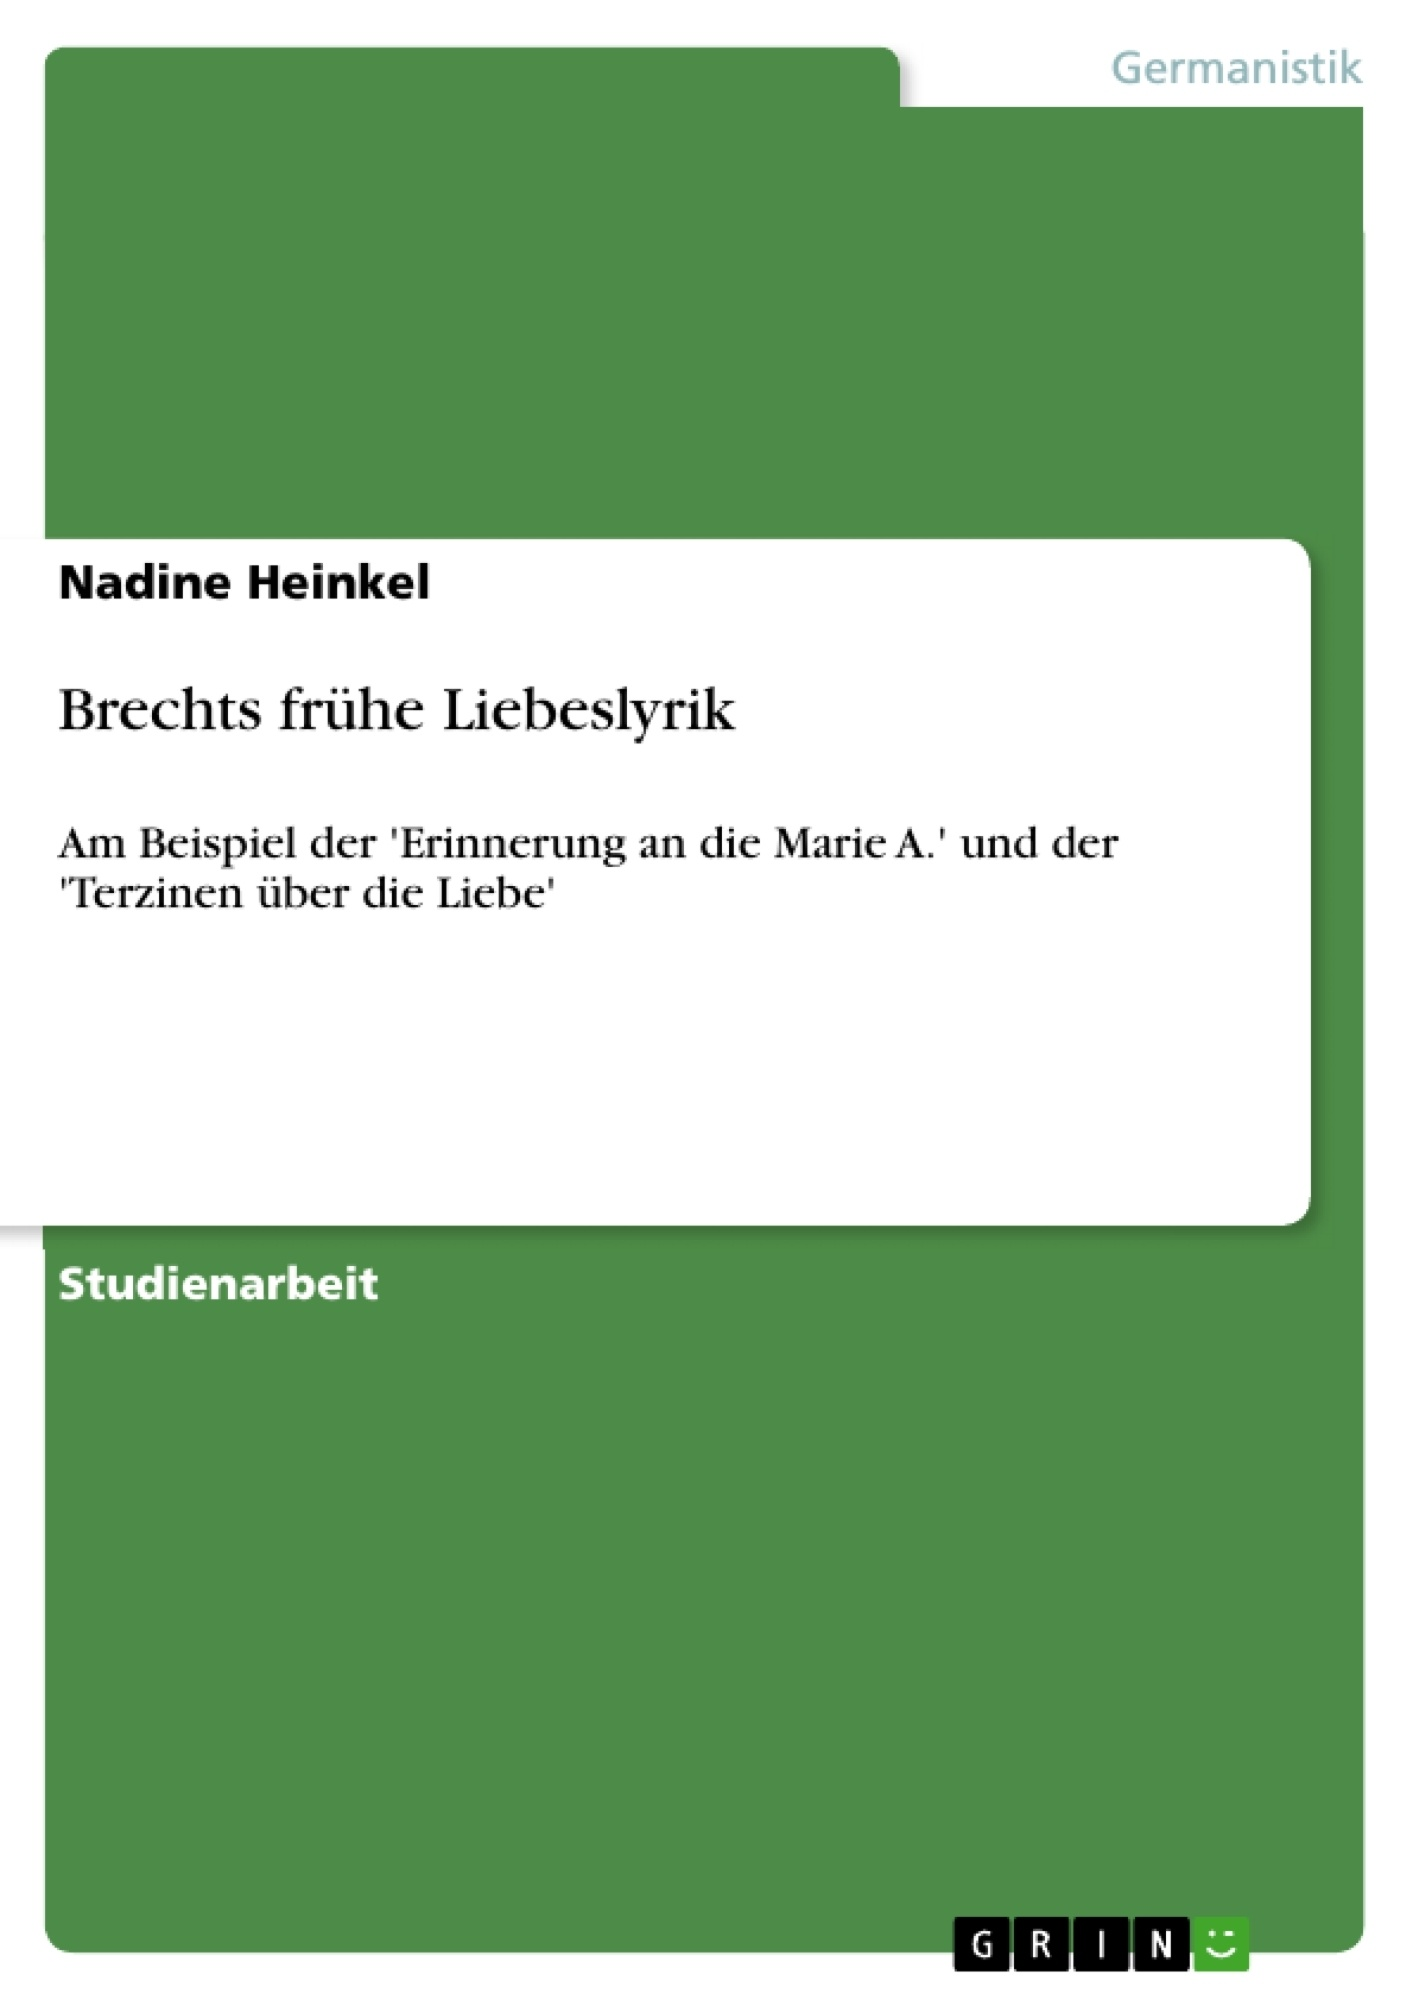 Brecht gedichte die wolke